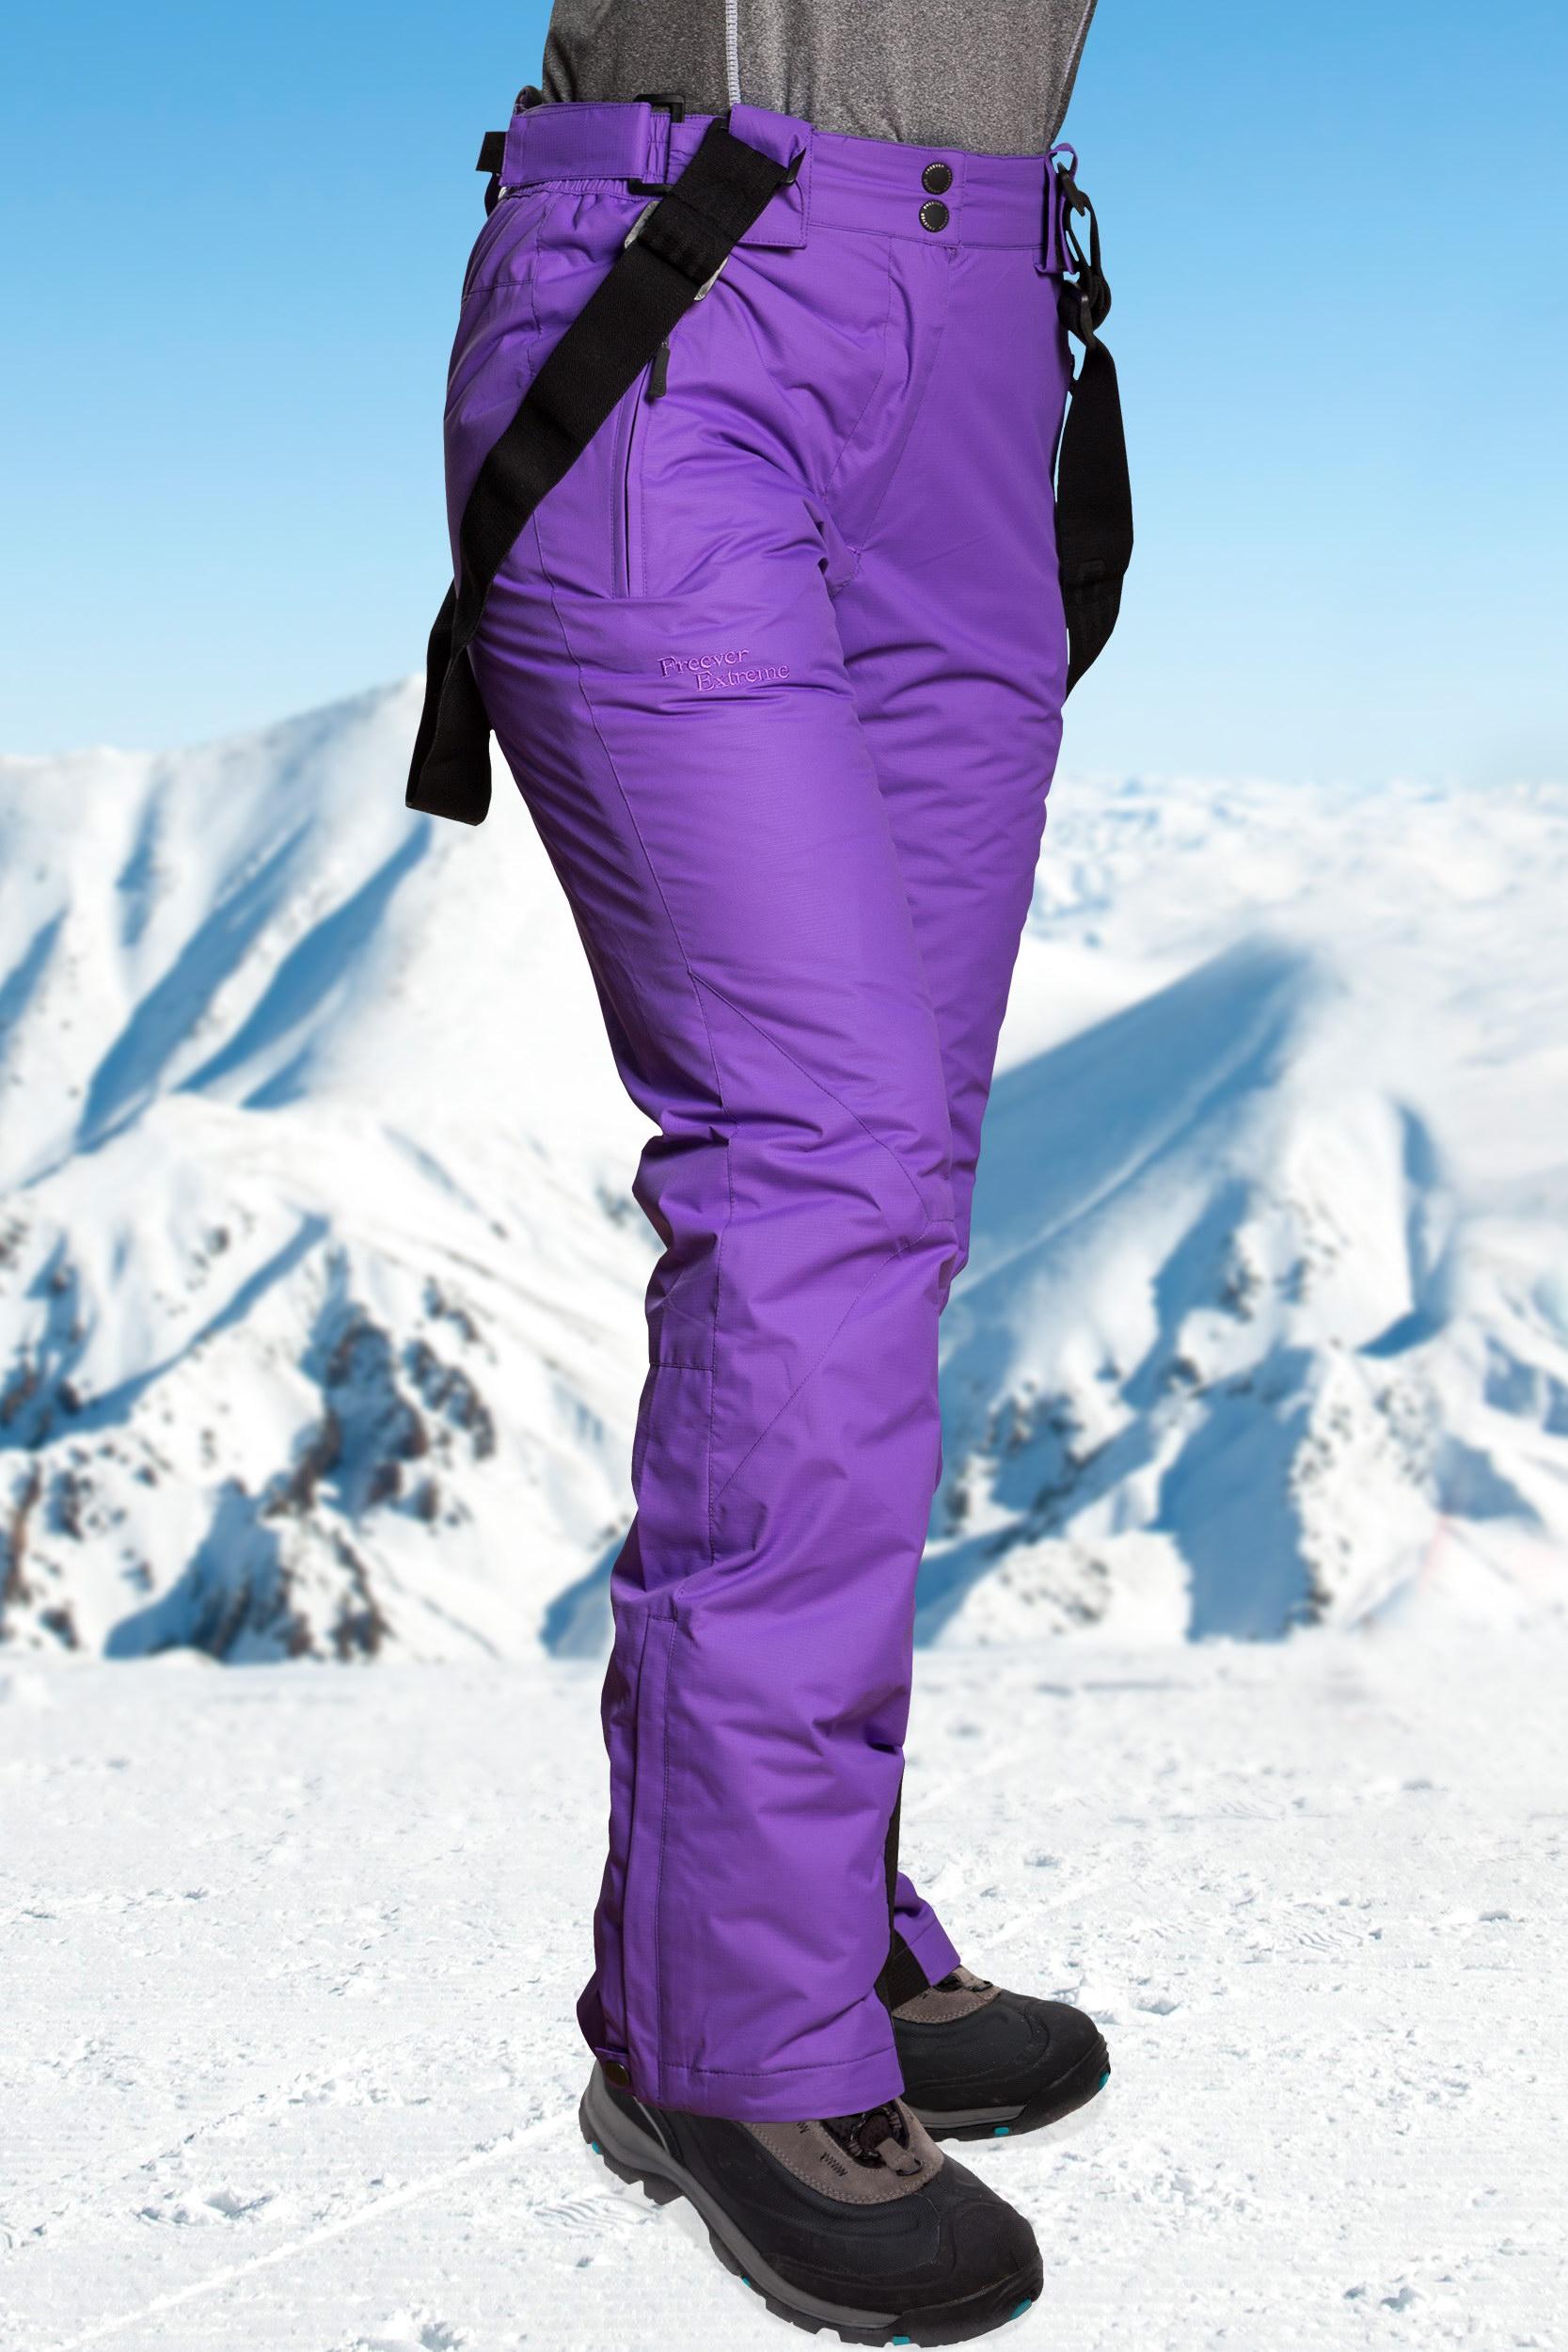 02a7140751d64 Женские горнолыжные штаны купить в Киеве. Лыжные штаны женские цена